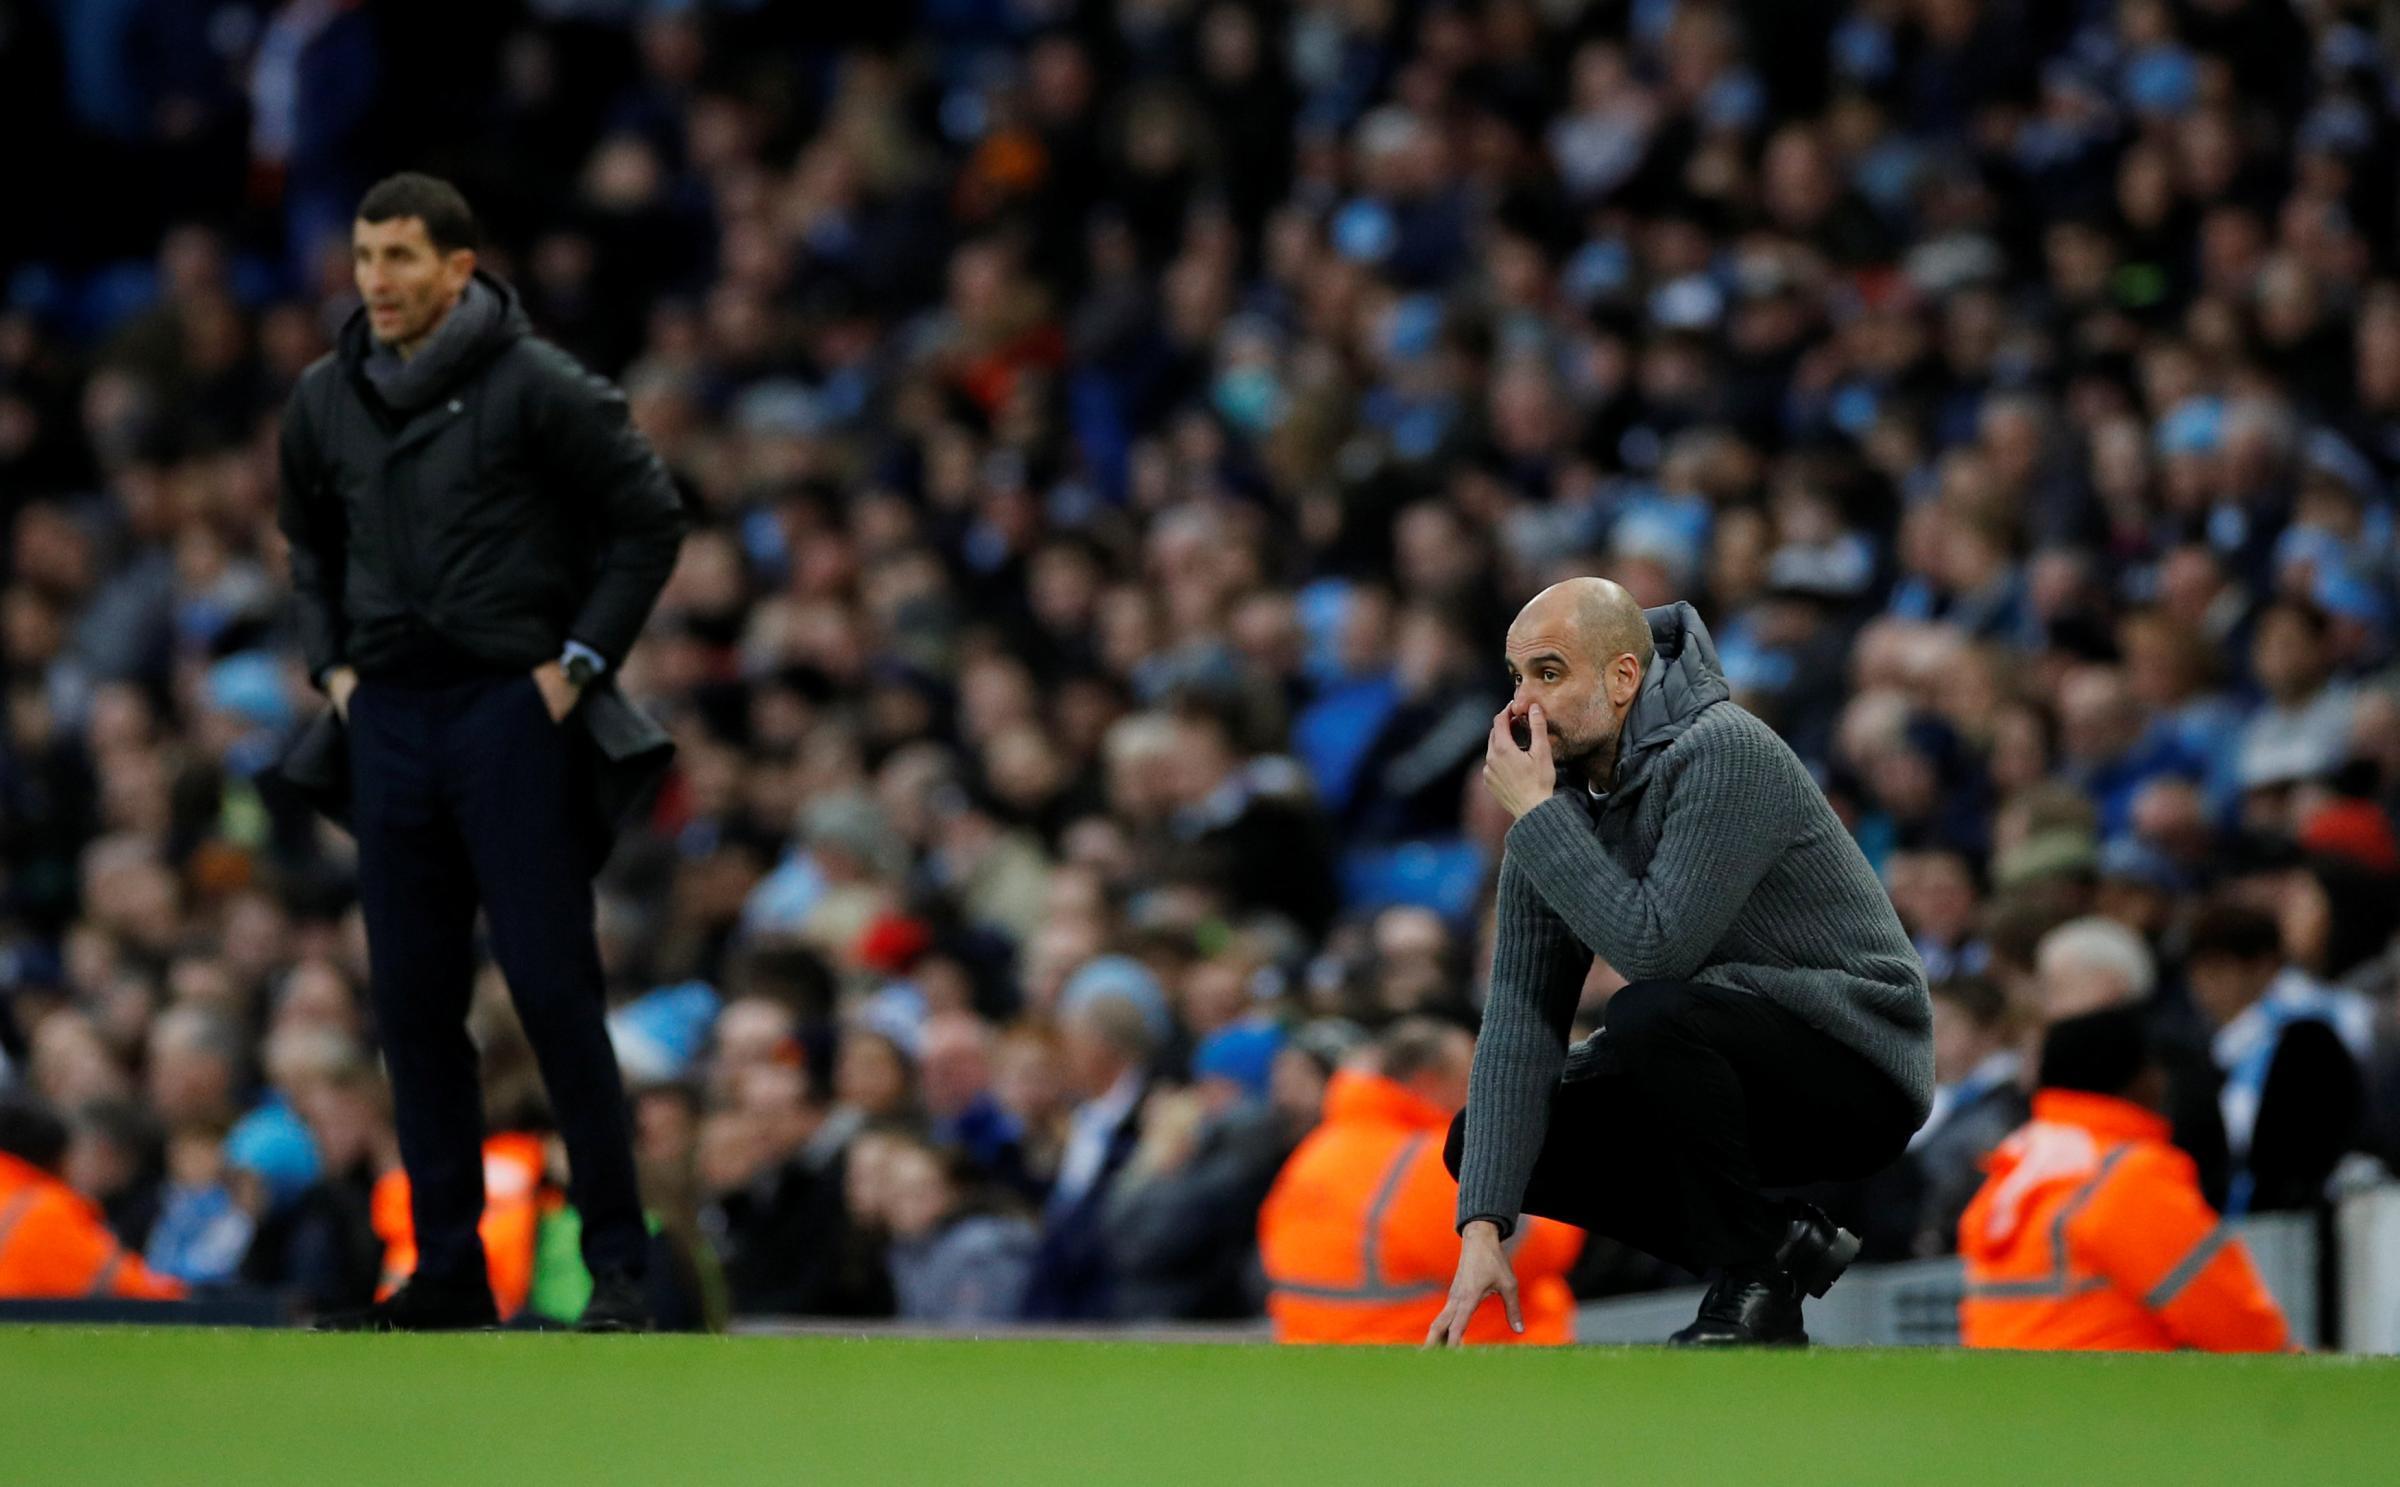 Guardiola apologises for offside goal